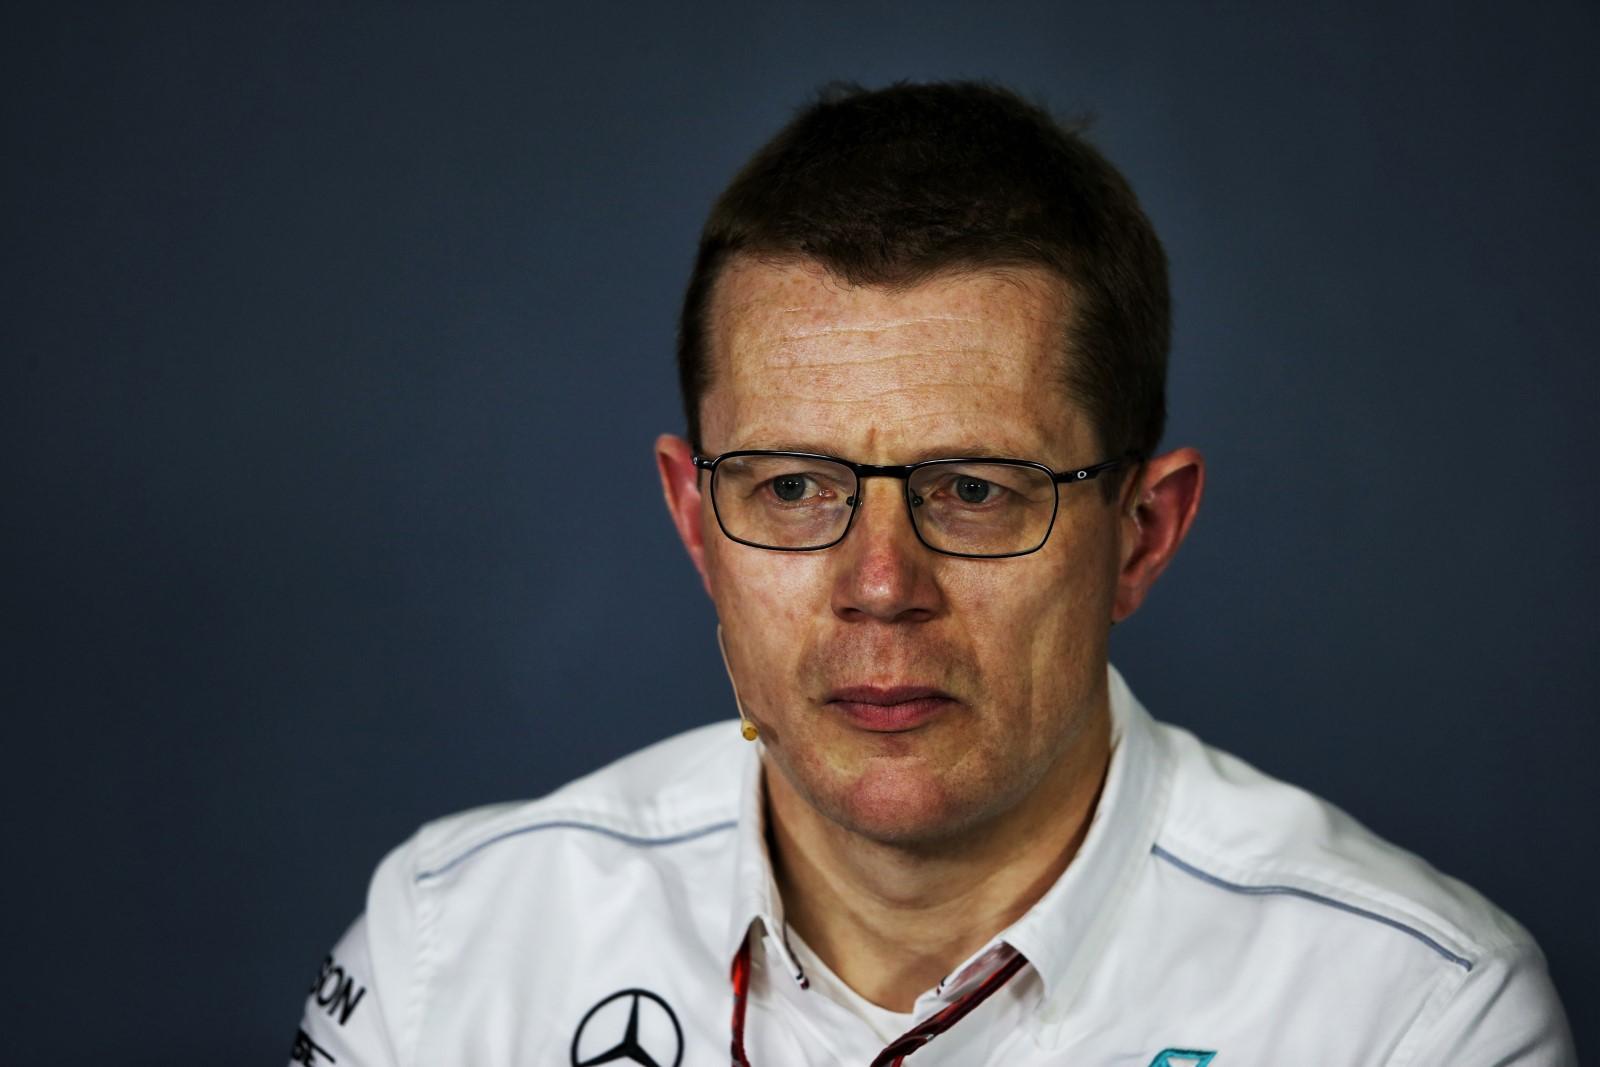 Mercedes F1 engine guru Cowell to step down in major change